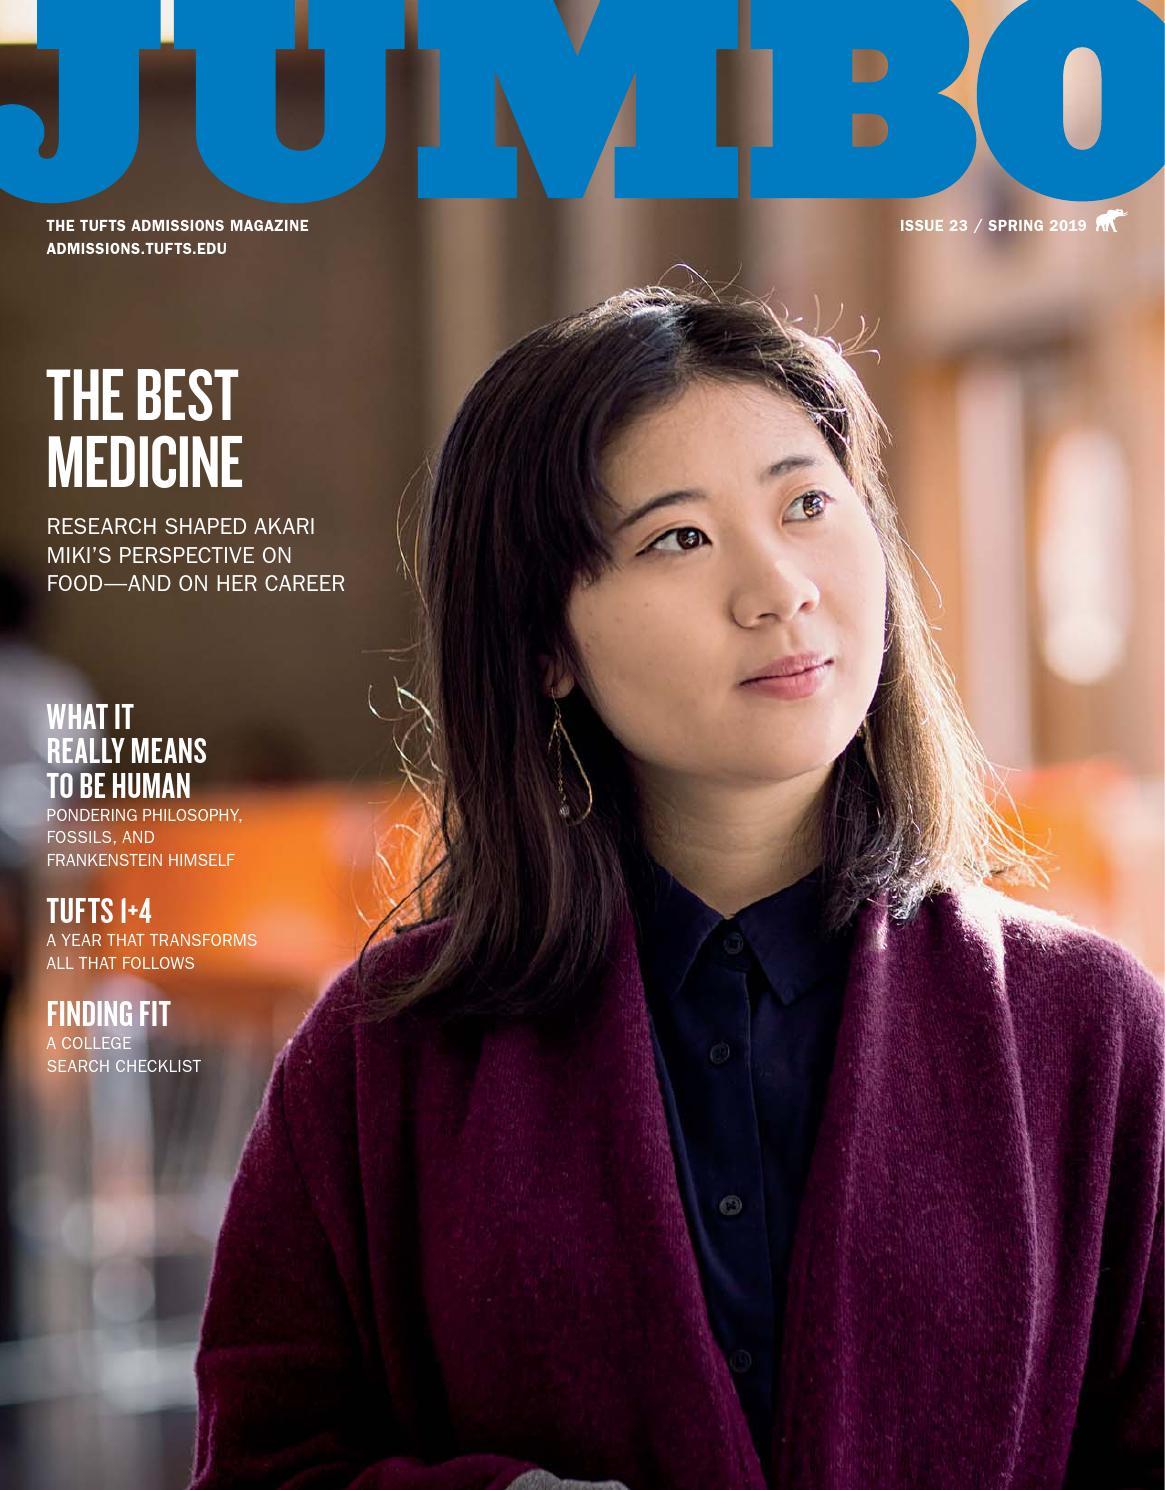 JUMBO Magazine - Spring 2019 by TuftsAdmissions - issuu